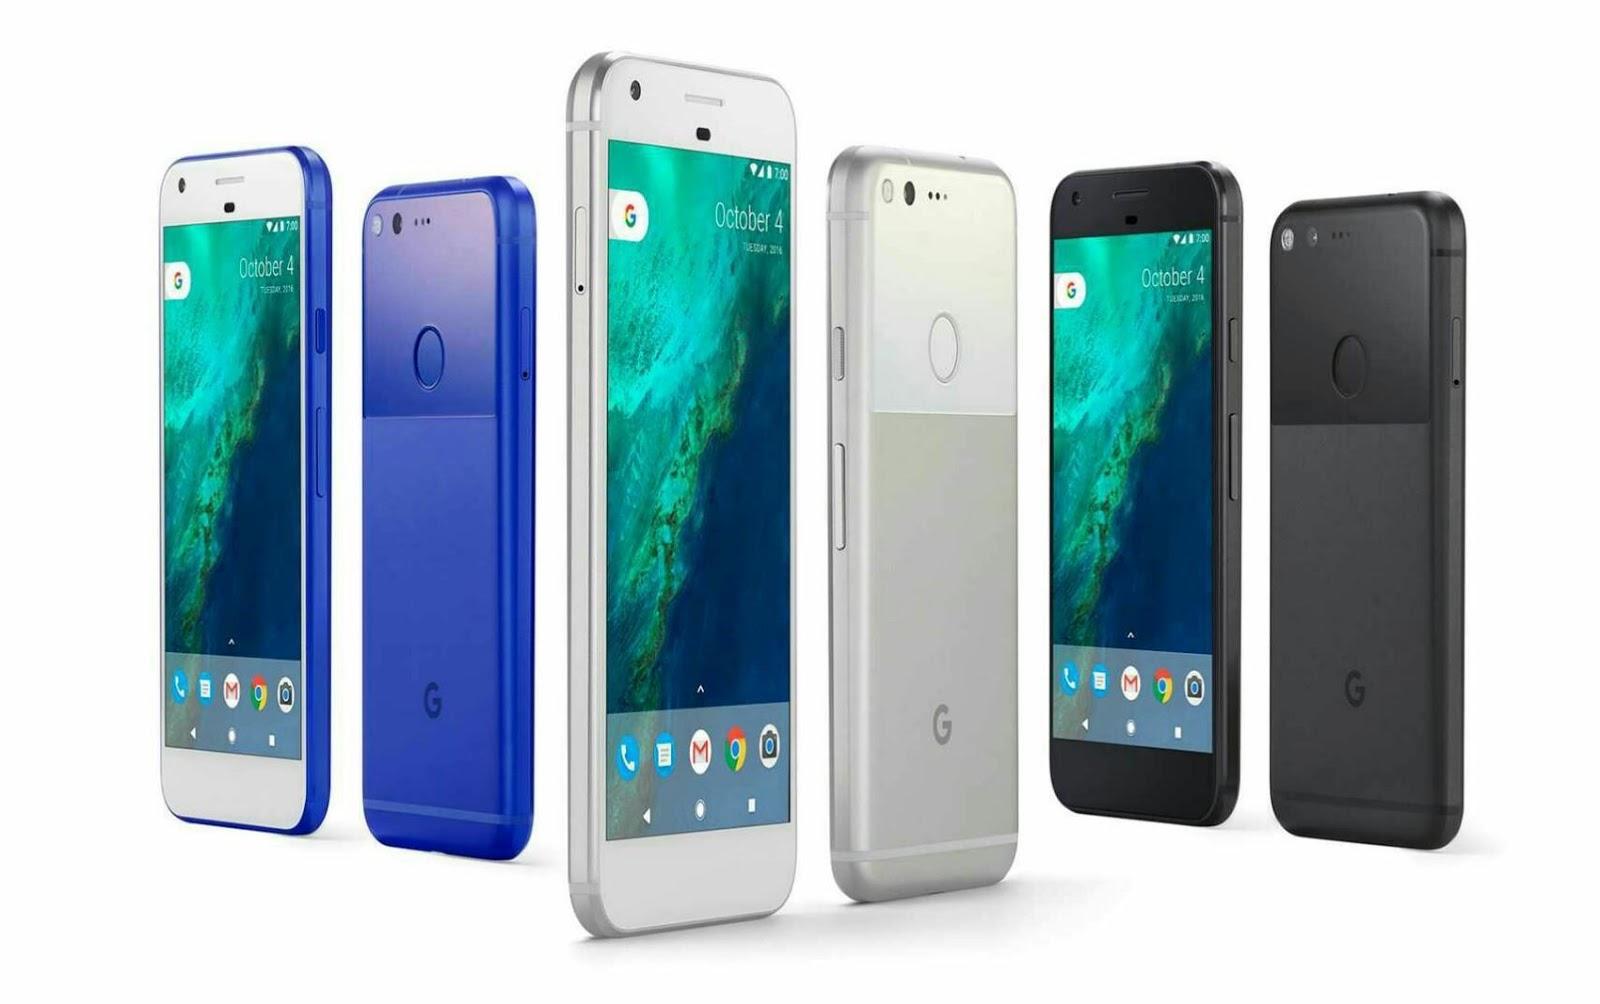 Cara Mengubah Tampilan Smartphone Seperti Google Pixel